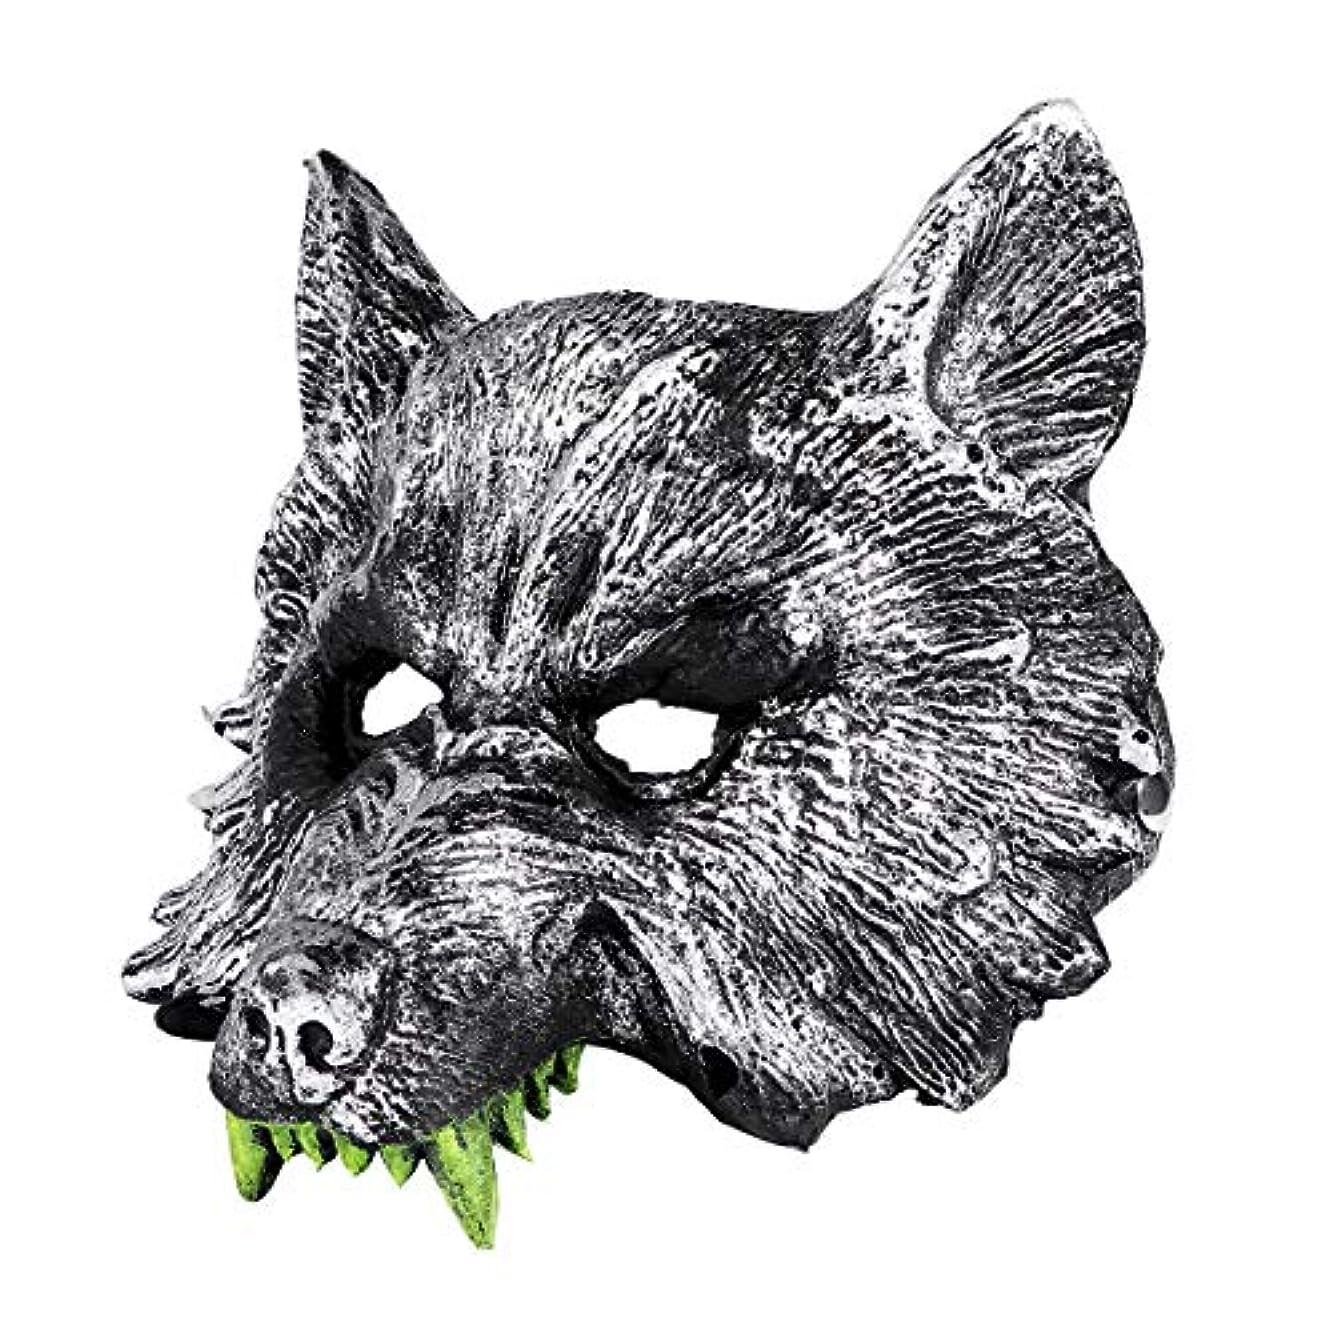 追い払うケント鹿コスプレハロウィーン仮装のためのNUOLUX灰色オオカミヘッドマスクファンシードレスパーティー小道具